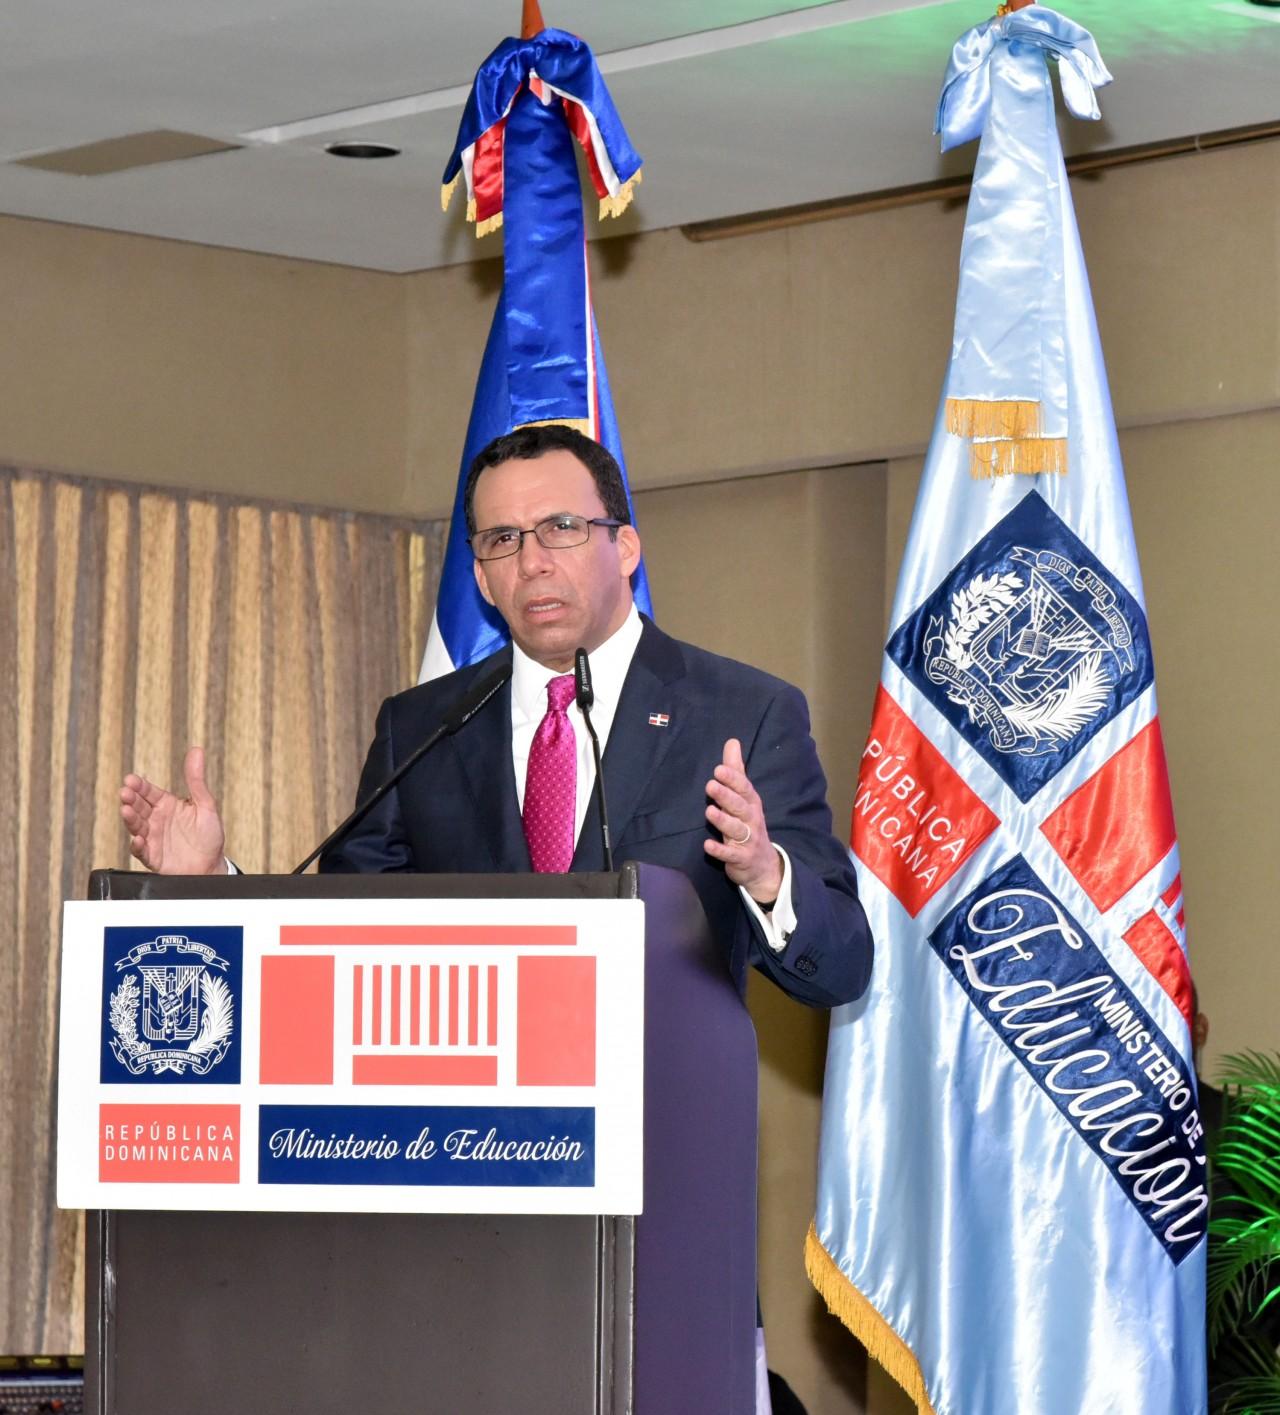 imagen Ministro Andrés Navarro en podium informa apertura de último proceso de escogencia para nuevos Directores Distritales